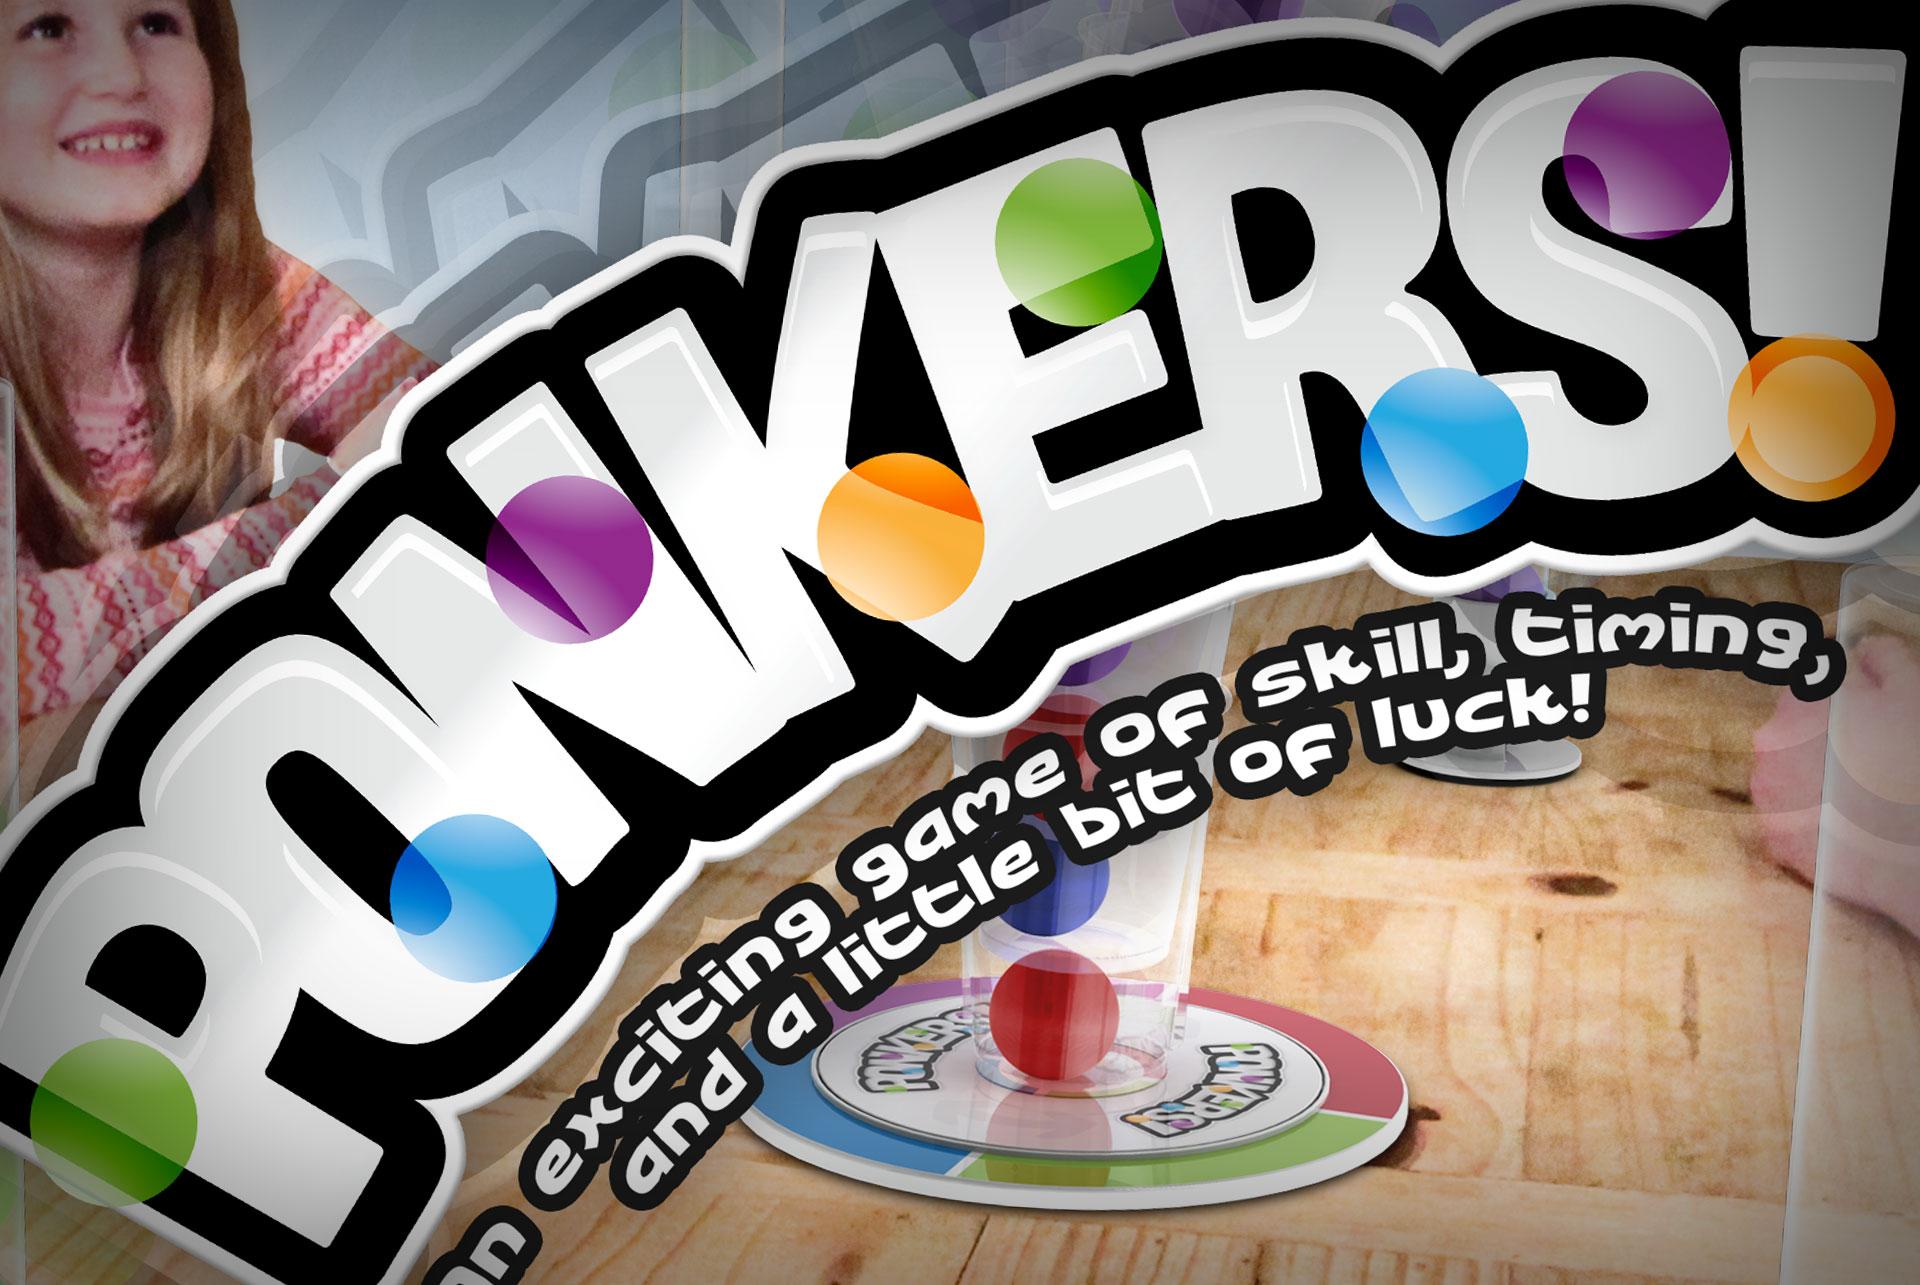 Ponkers™